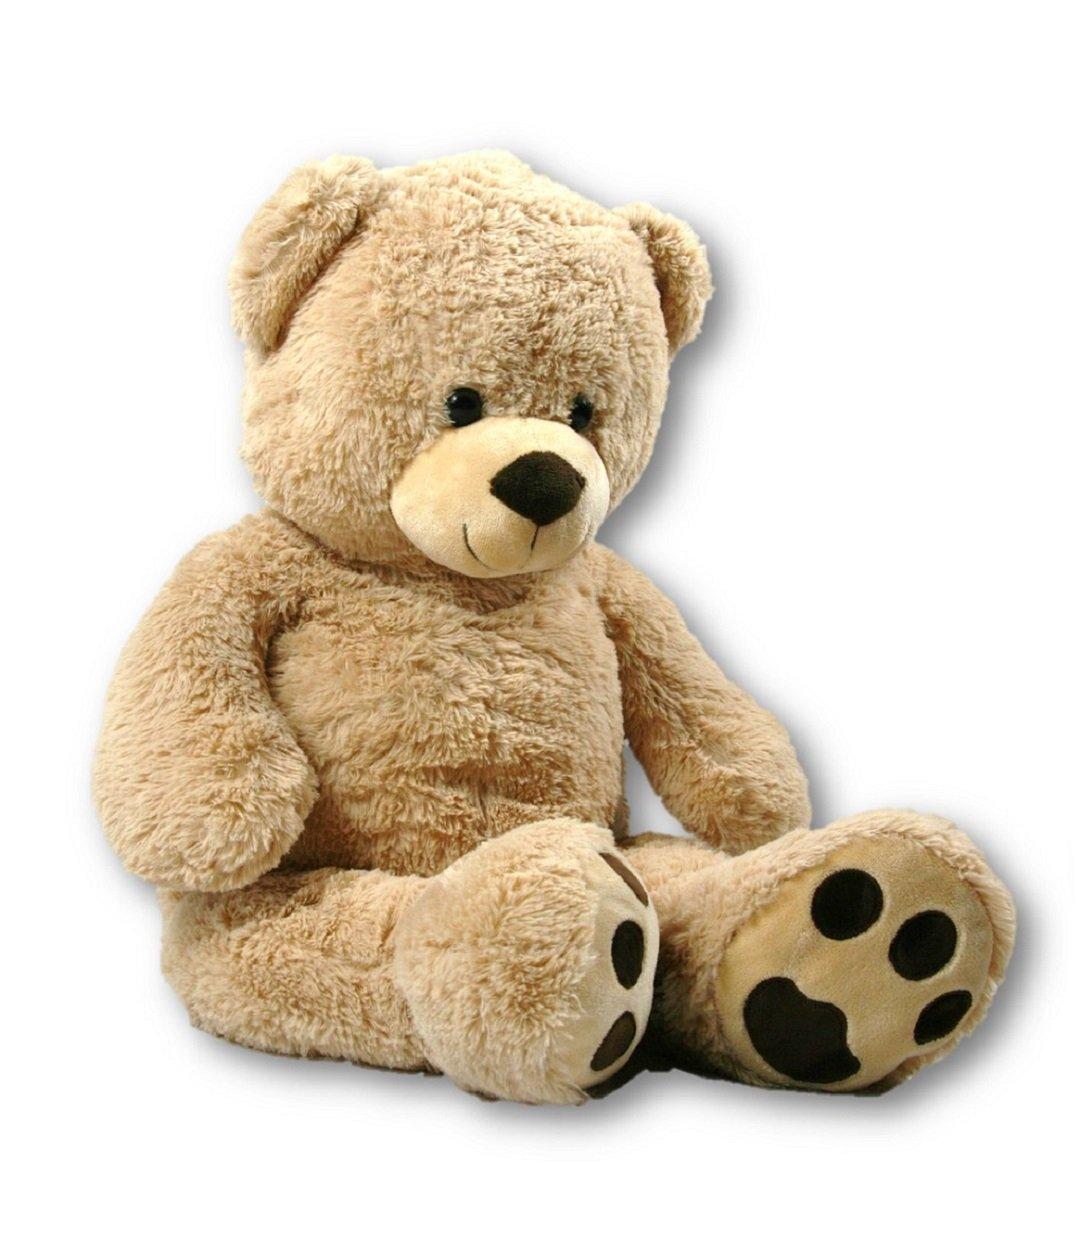 XXL Teddybär Bär 1m hellbraun Kuschelbär 100 cm Teddy Plüschtier Kuscheltier Unbekannt